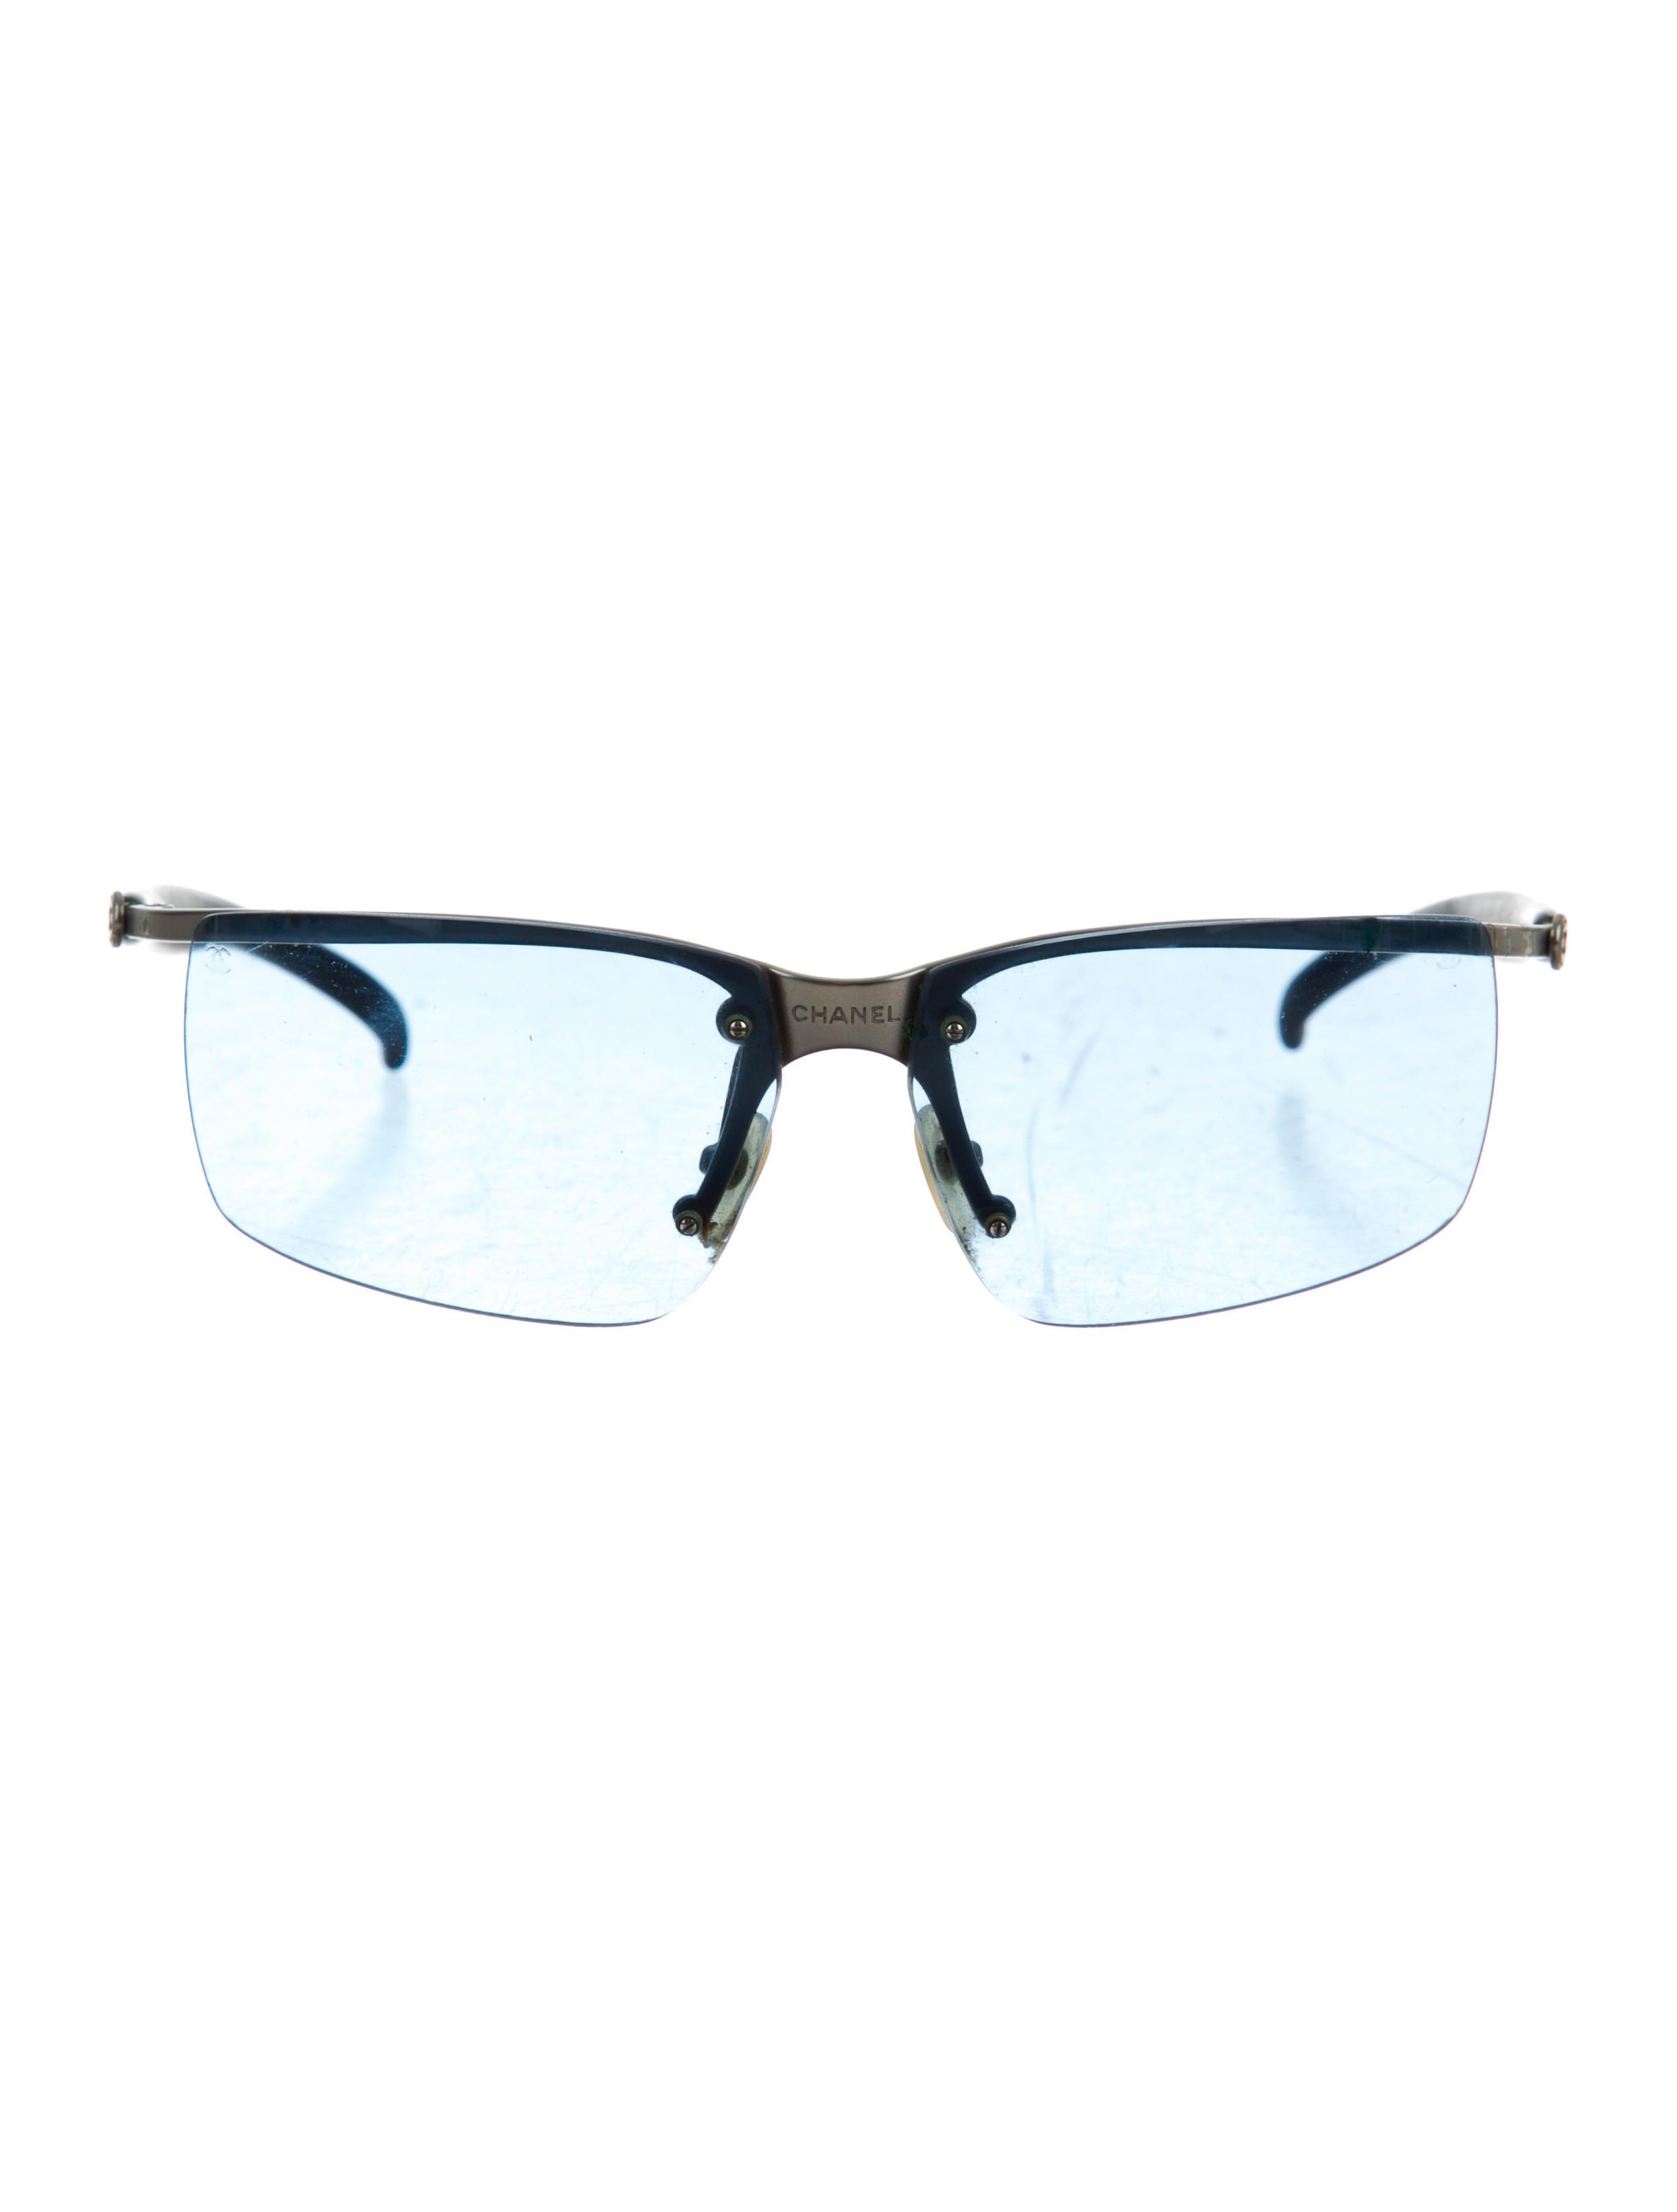 Rimless Chanel Glasses : Chanel Rimless CC Sunglasses - Accessories - CHA160432 ...